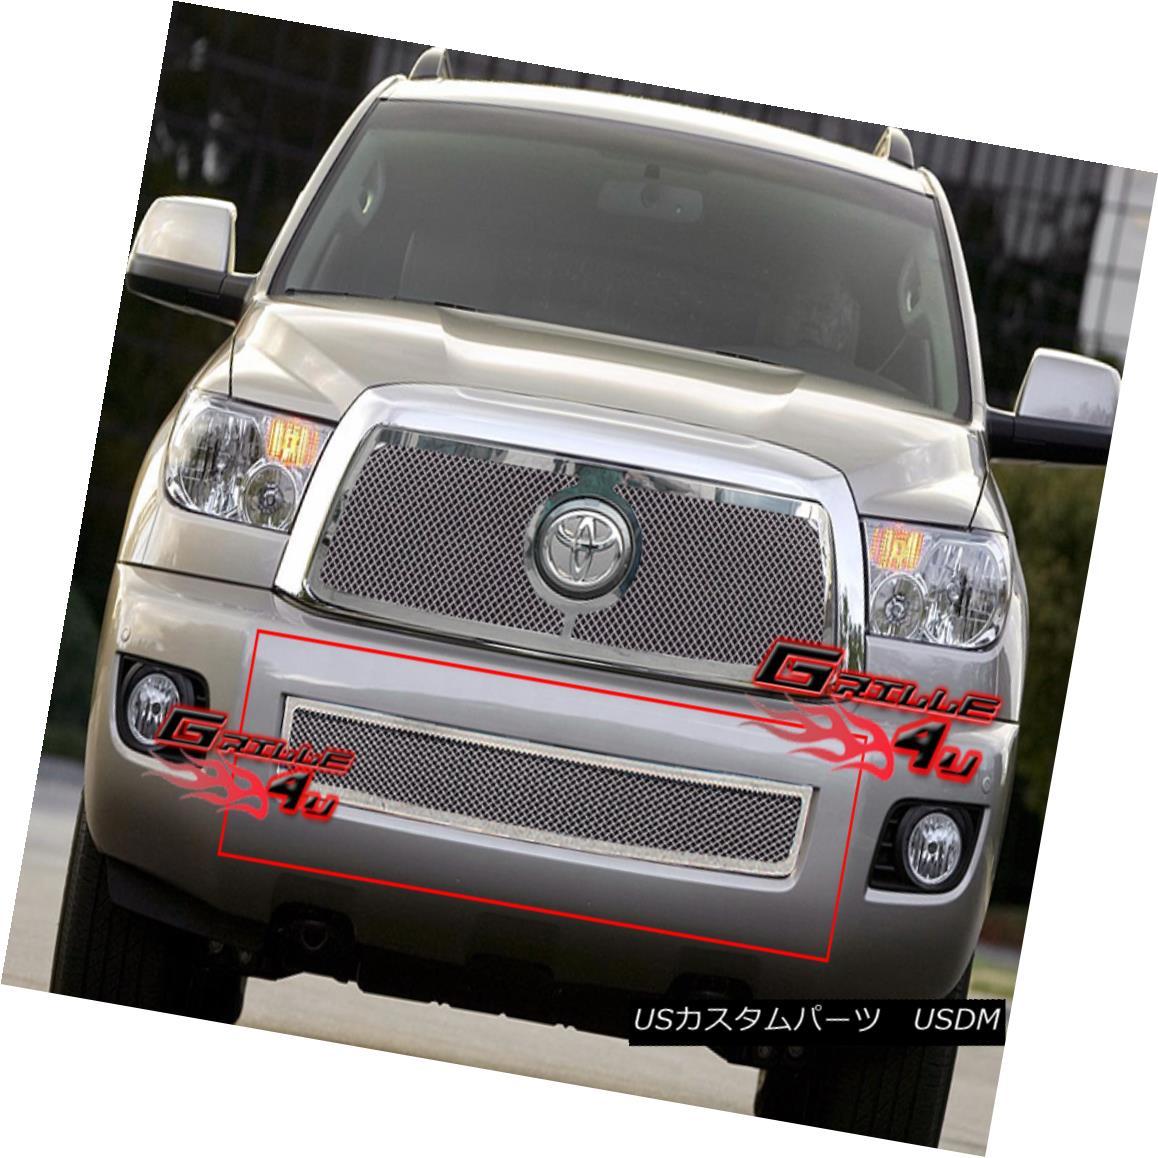 グリル Fits 2008-2017 Toyota Sequoia Bumper Stainless Steel Mesh Grille Insert フィット2008-2017トヨタセコイアバンパーステンレスメッシュグリルインサート